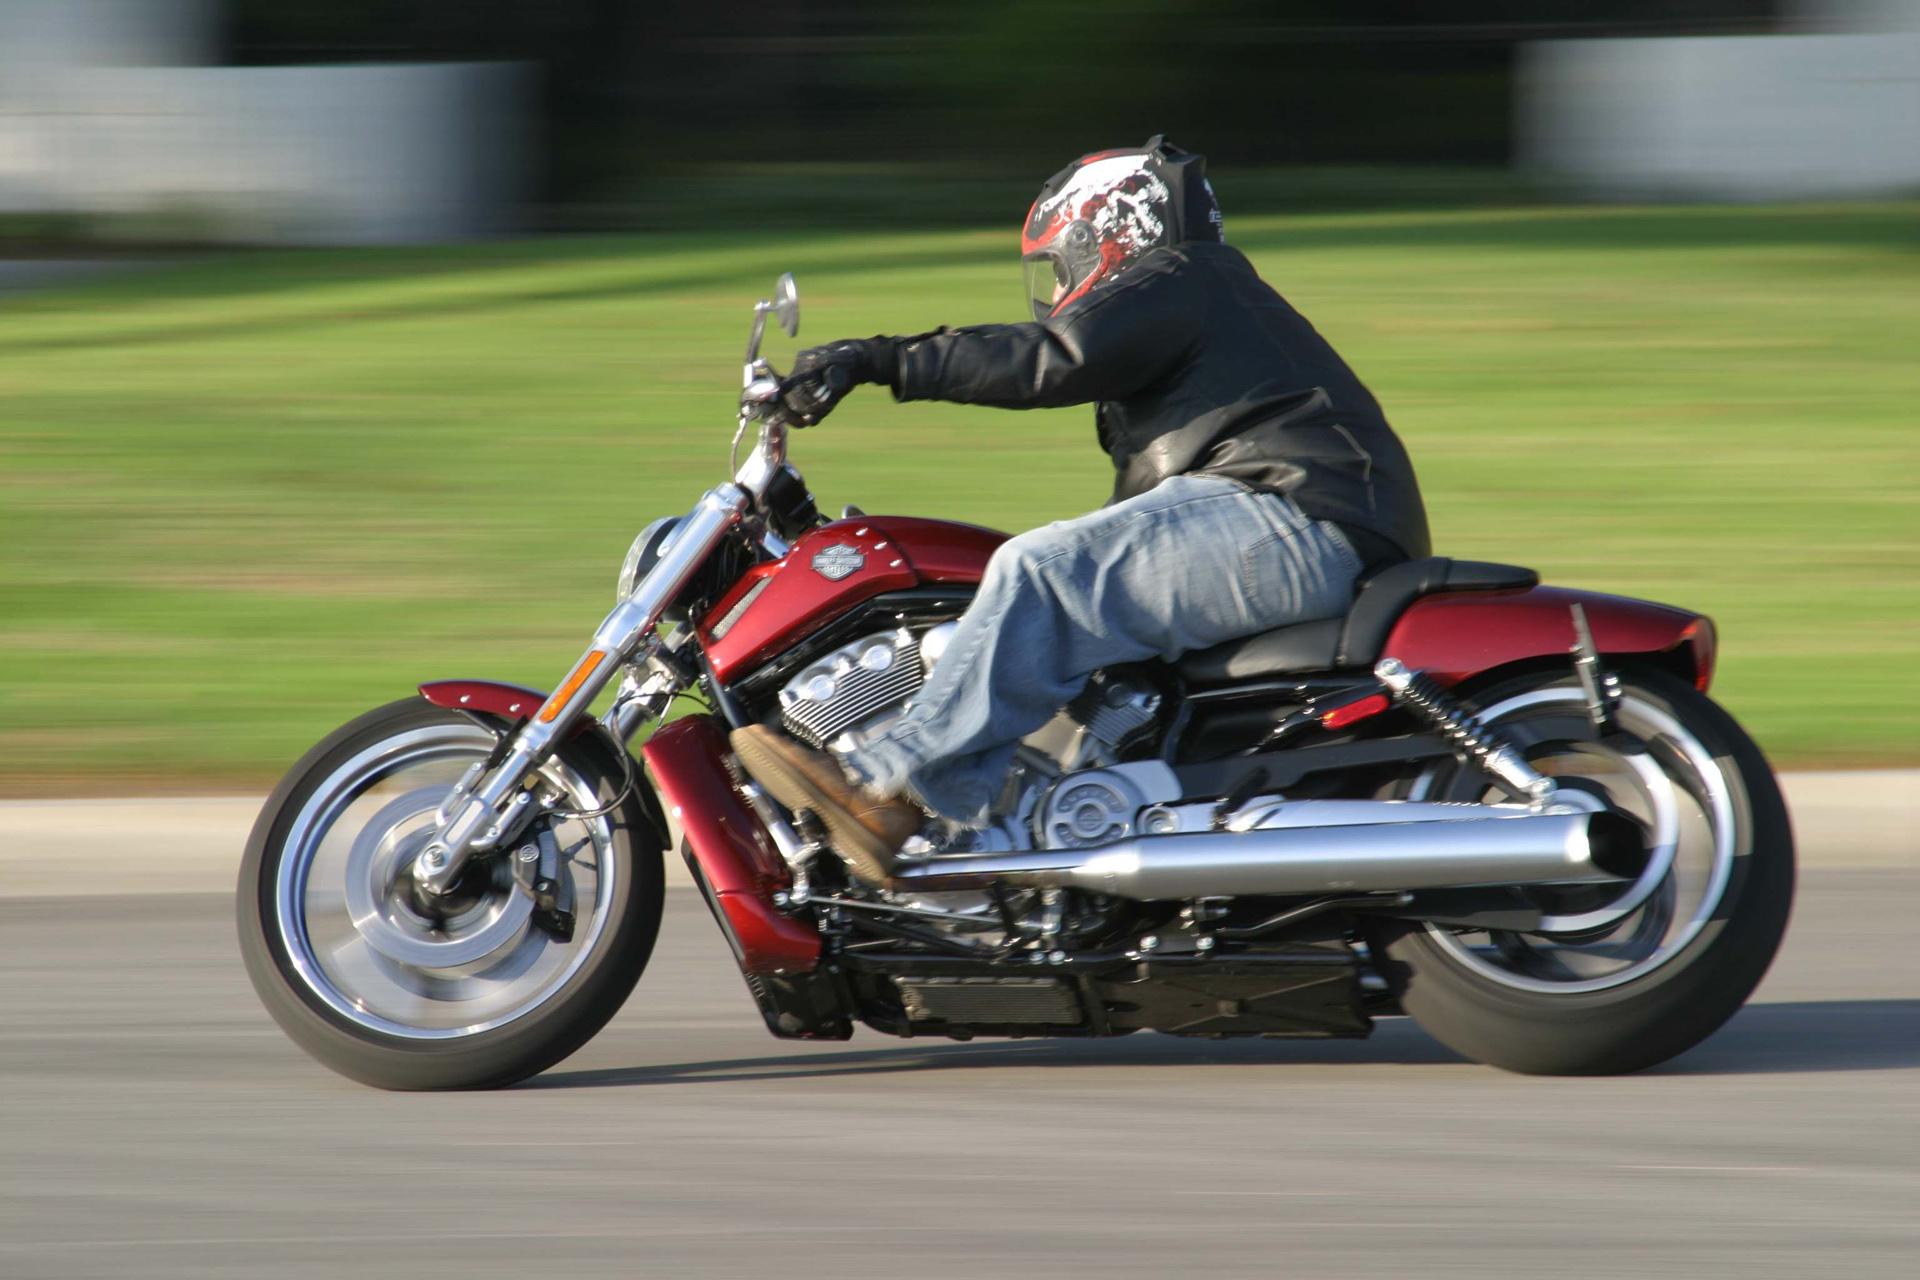 Harley Davidson Vrscf V Rod Muscle Picture 70101 Harley